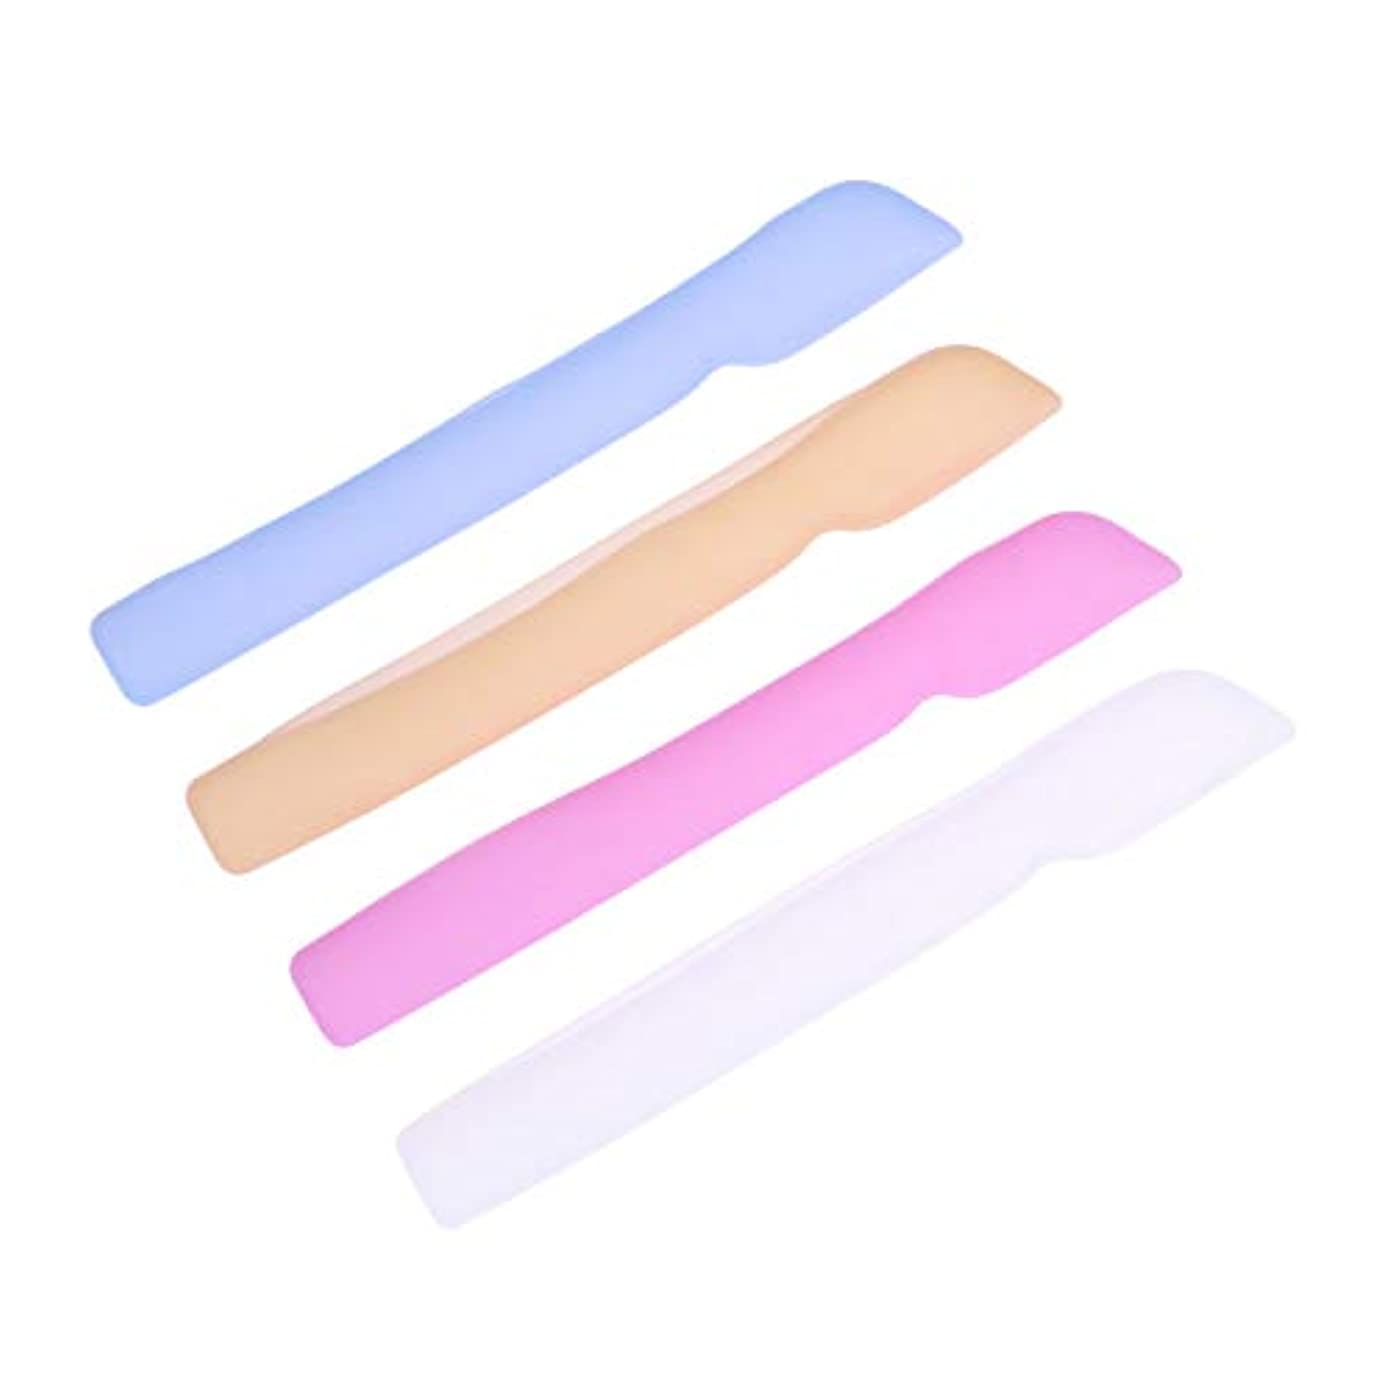 隣人地質学厚いHEALLILYシリコン歯ブラシケースカバー歯ブラシ用保護カバー保護ケース用4本(ブルー+ピンク+ライトイエロー+ホワイト)